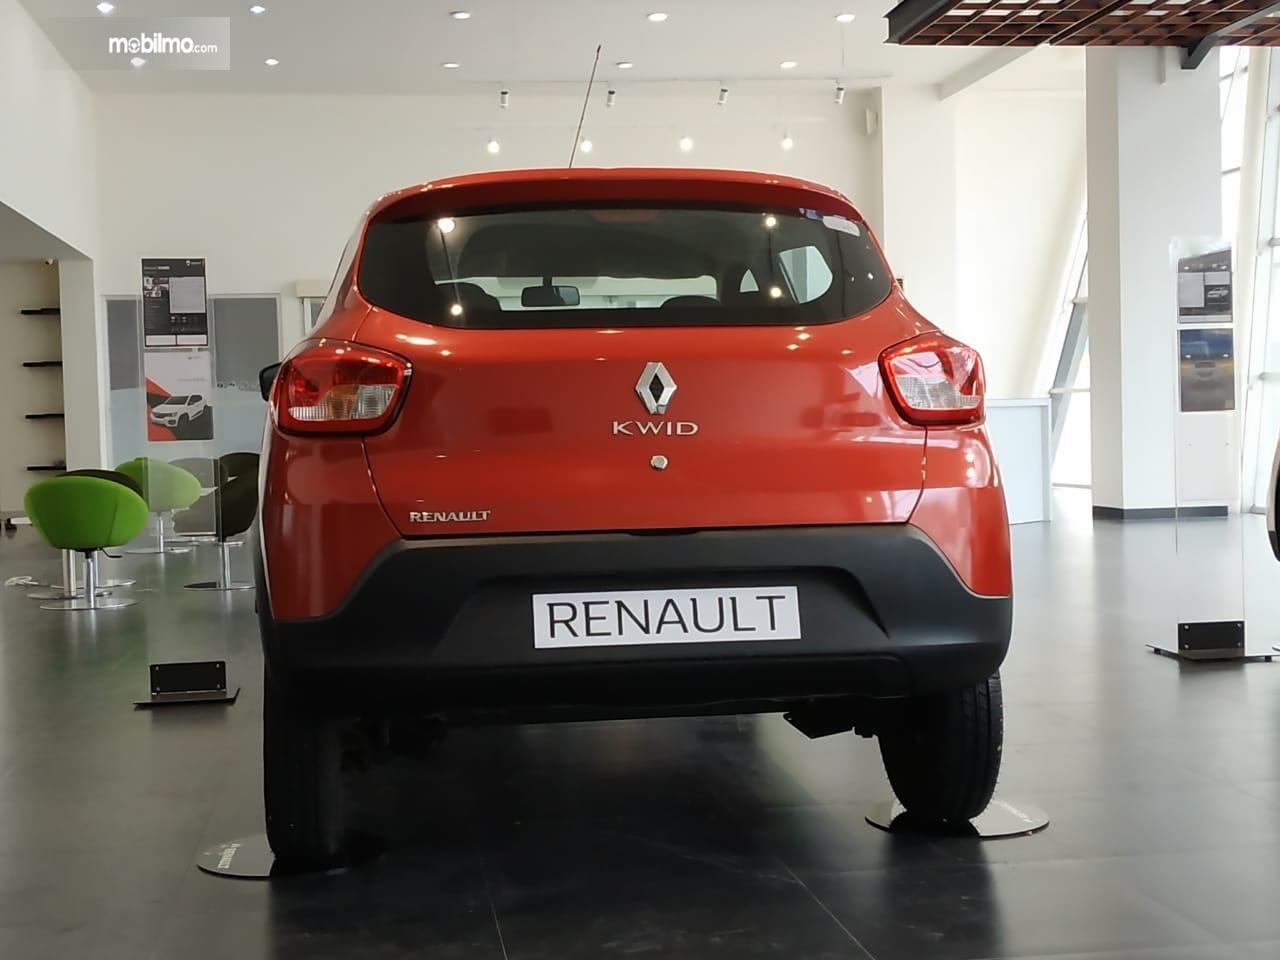 Gambar menujukkan Tampak tampilan belakang Renault Kwid 2016 berwarna orange